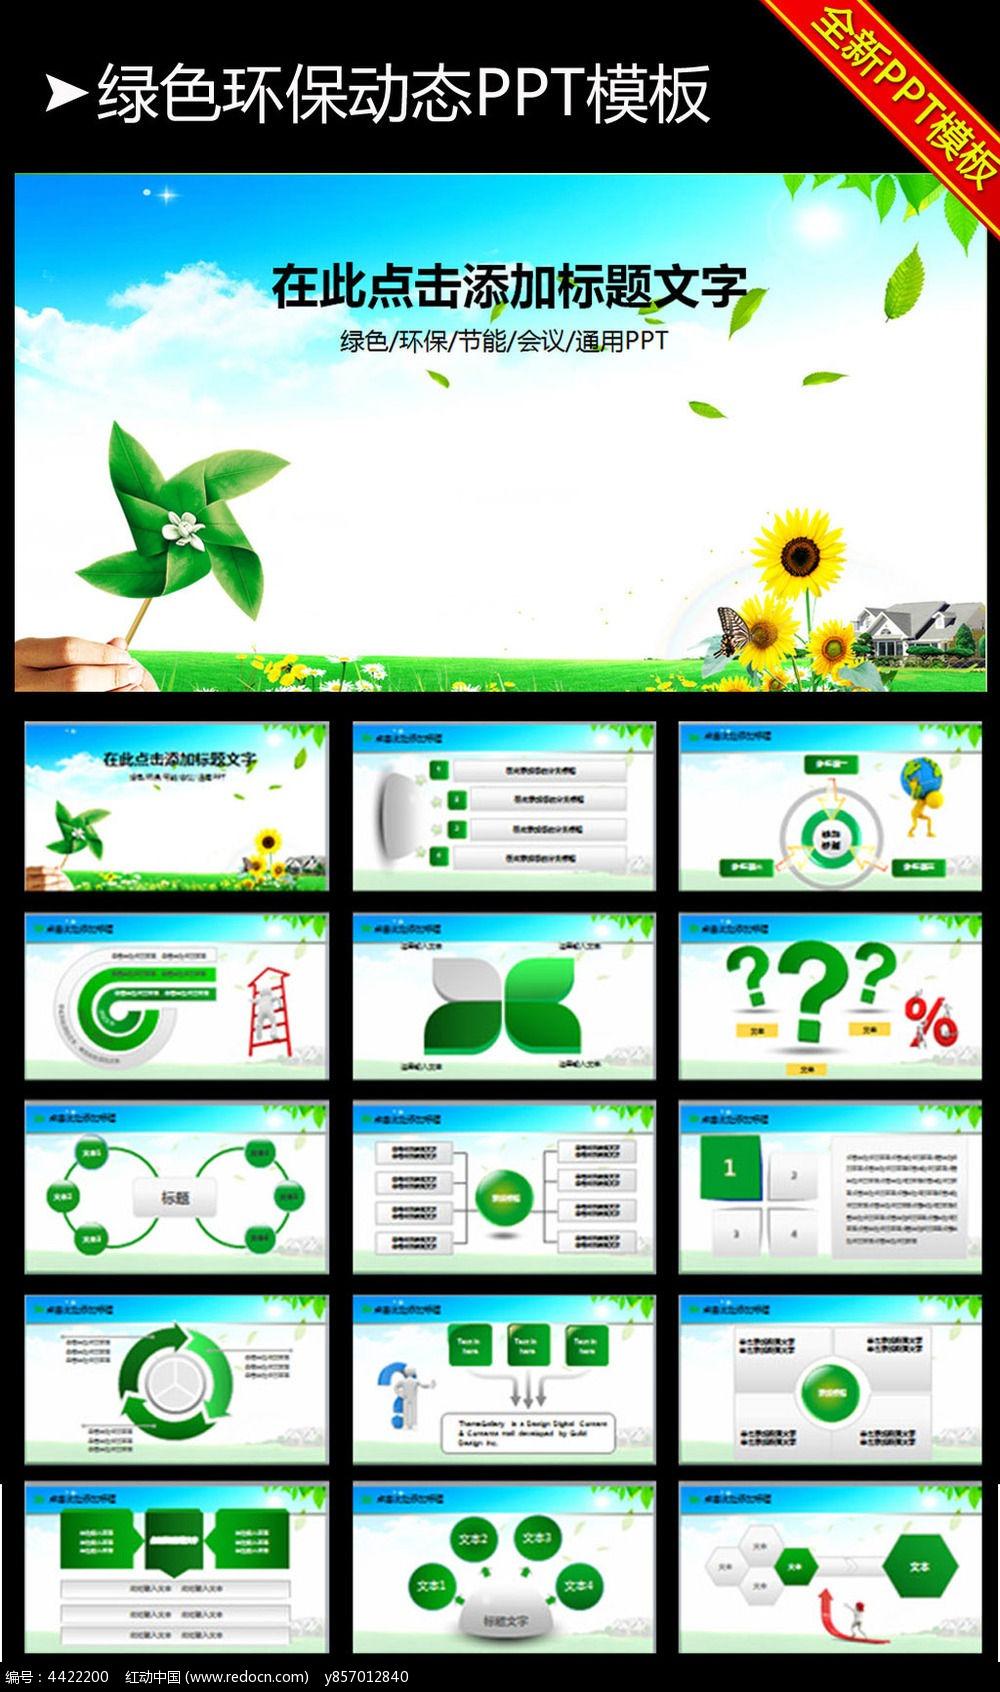 幻灯片 PPTX POT 课件 动画 会议 报告 业绩 汇报 图表 演讲 PPT模板